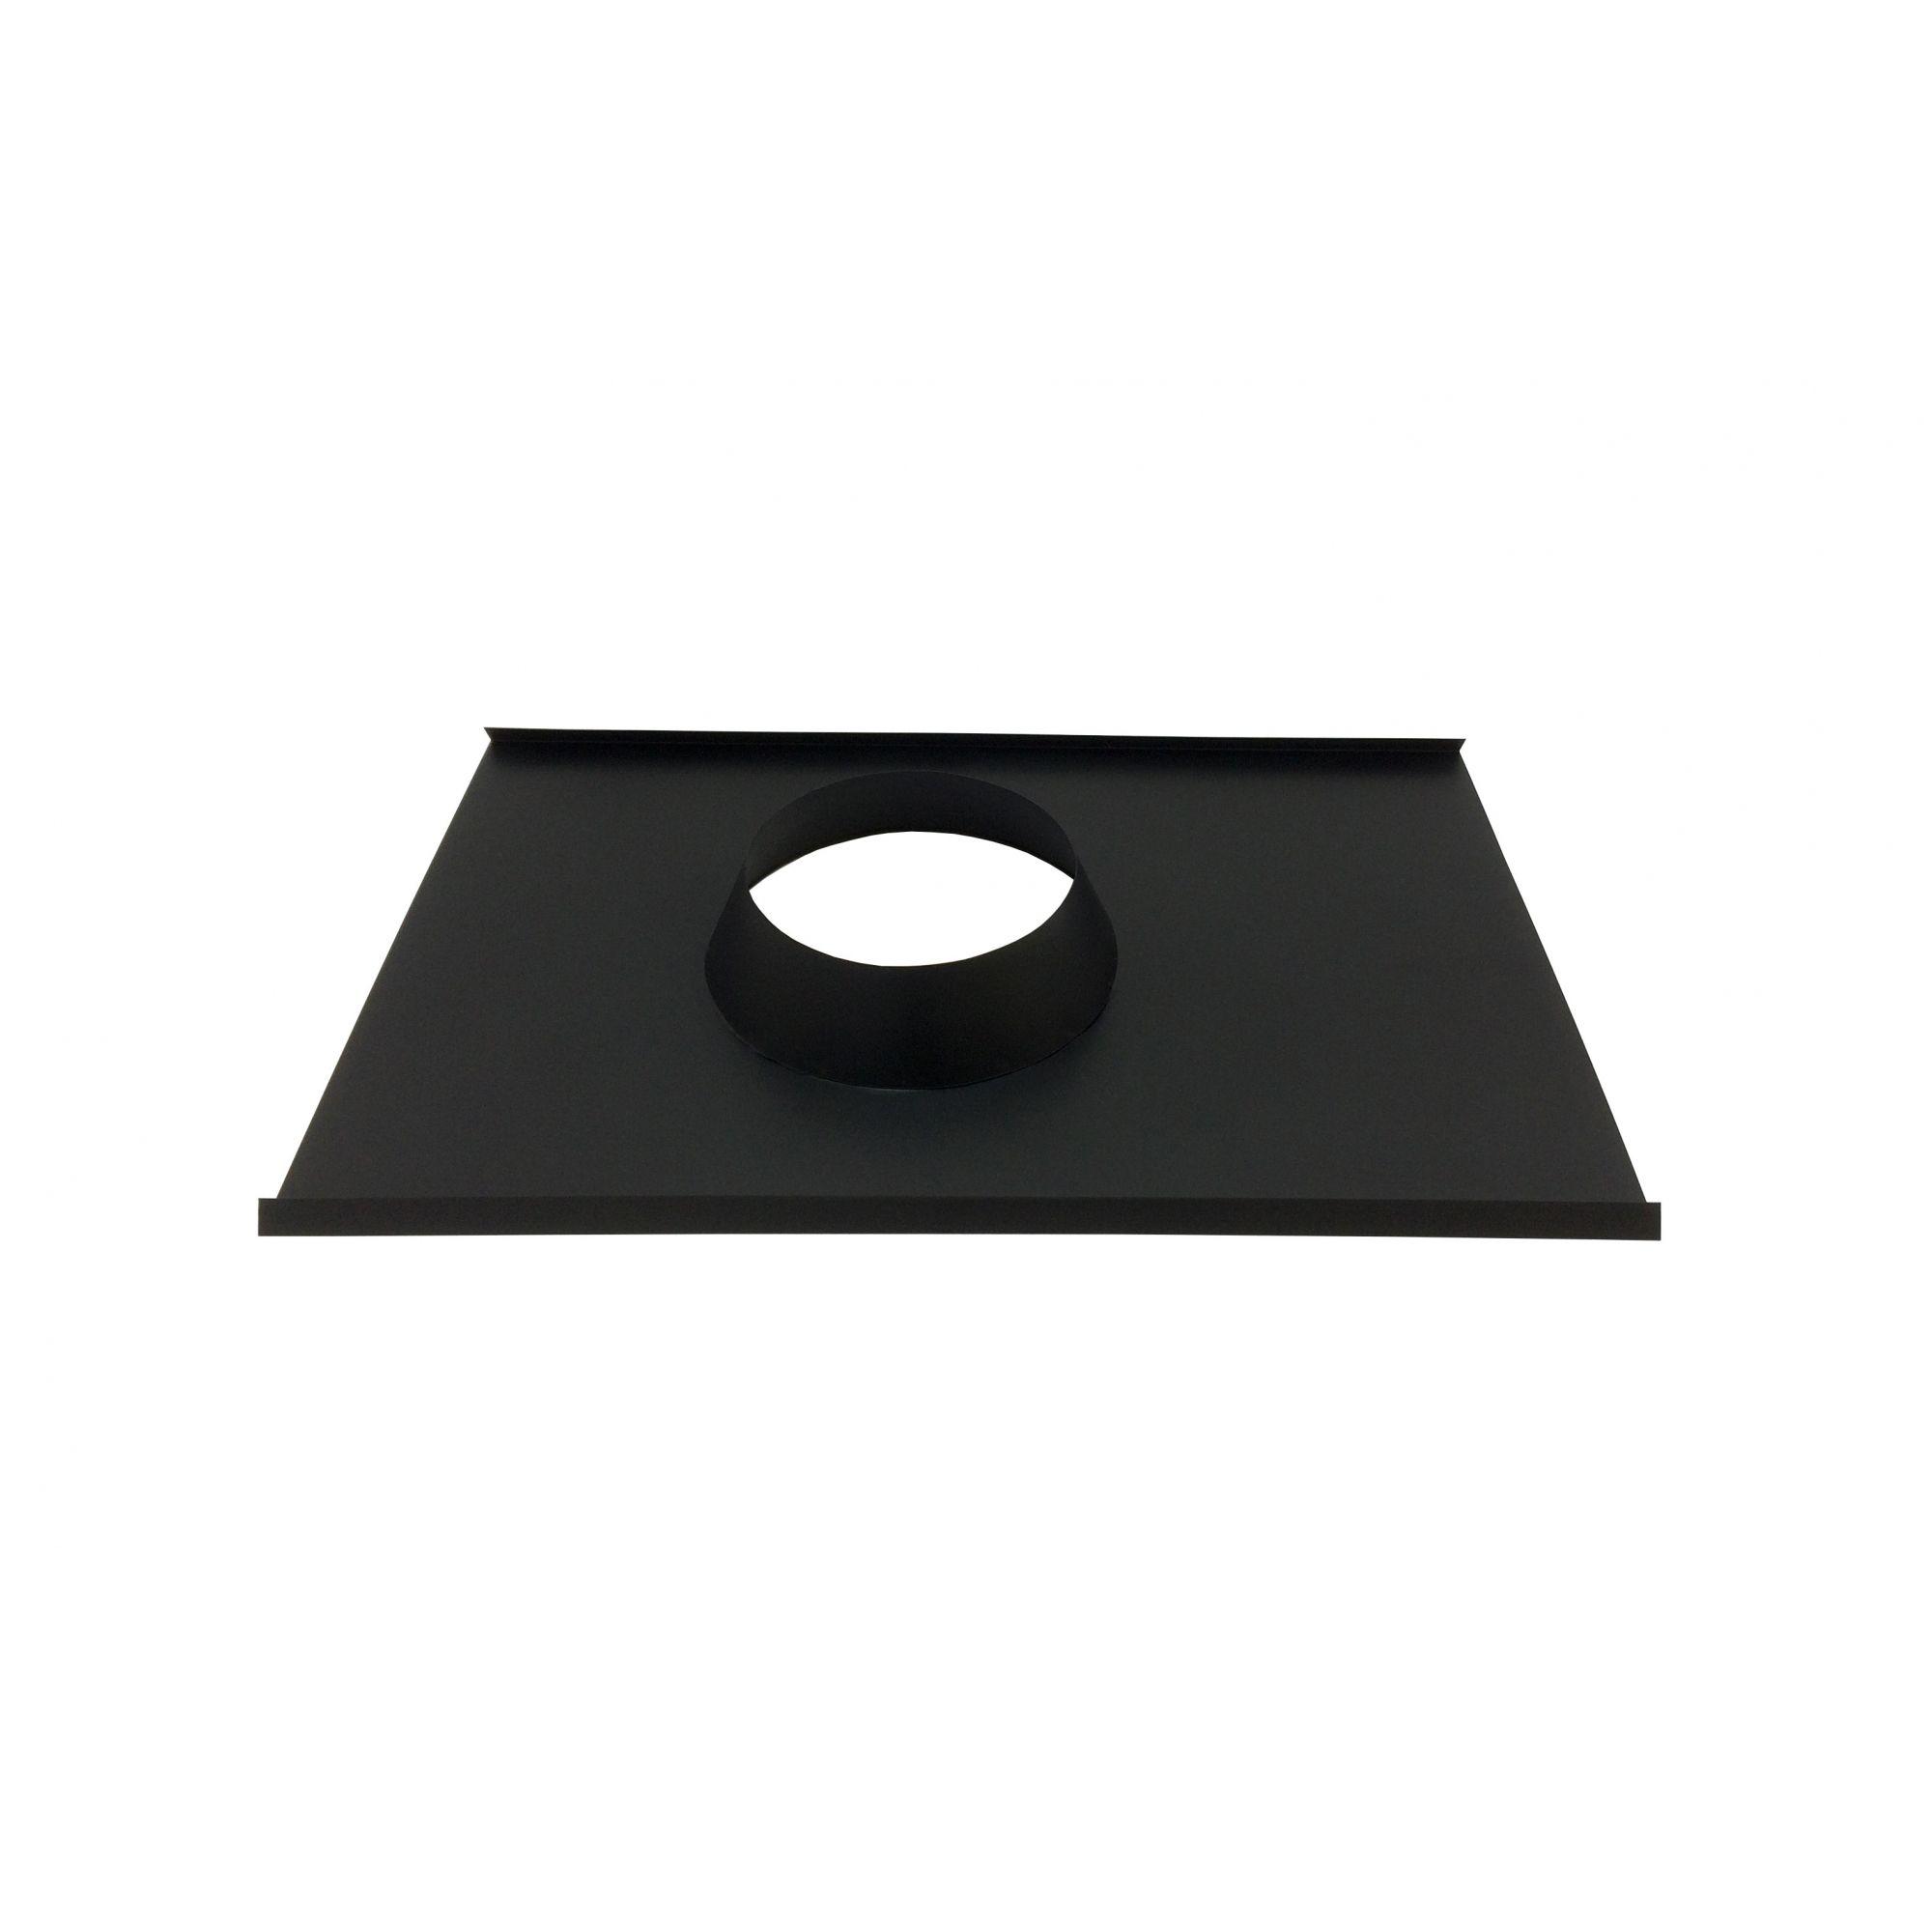 Rufo colarinho de telhado preto para chaminé de 200 mm de diâmetro  - Galvocalhas